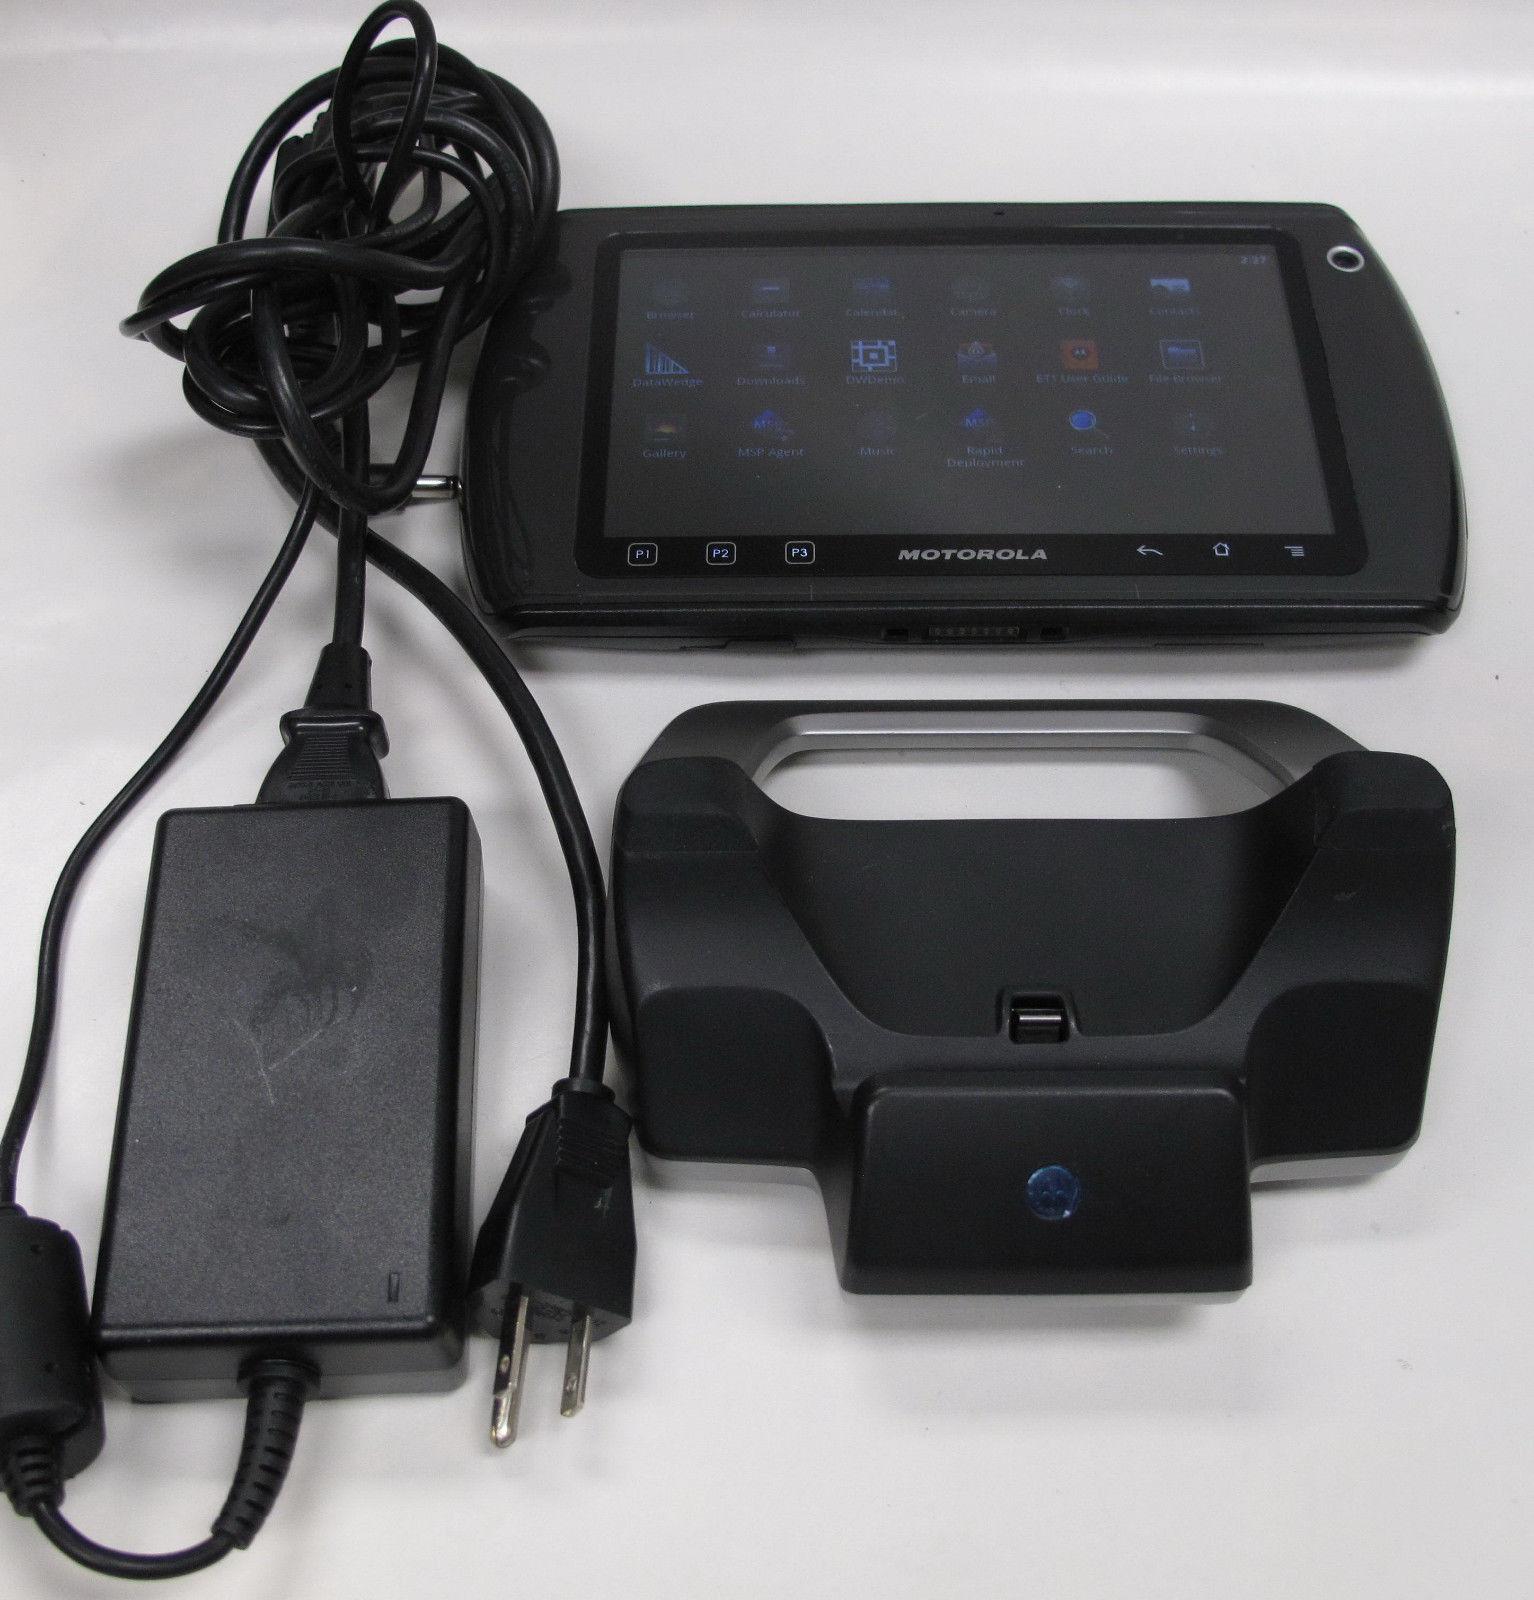 Motorola Barcode Scanner ET1 -7G2V1UUS and 38 similar items